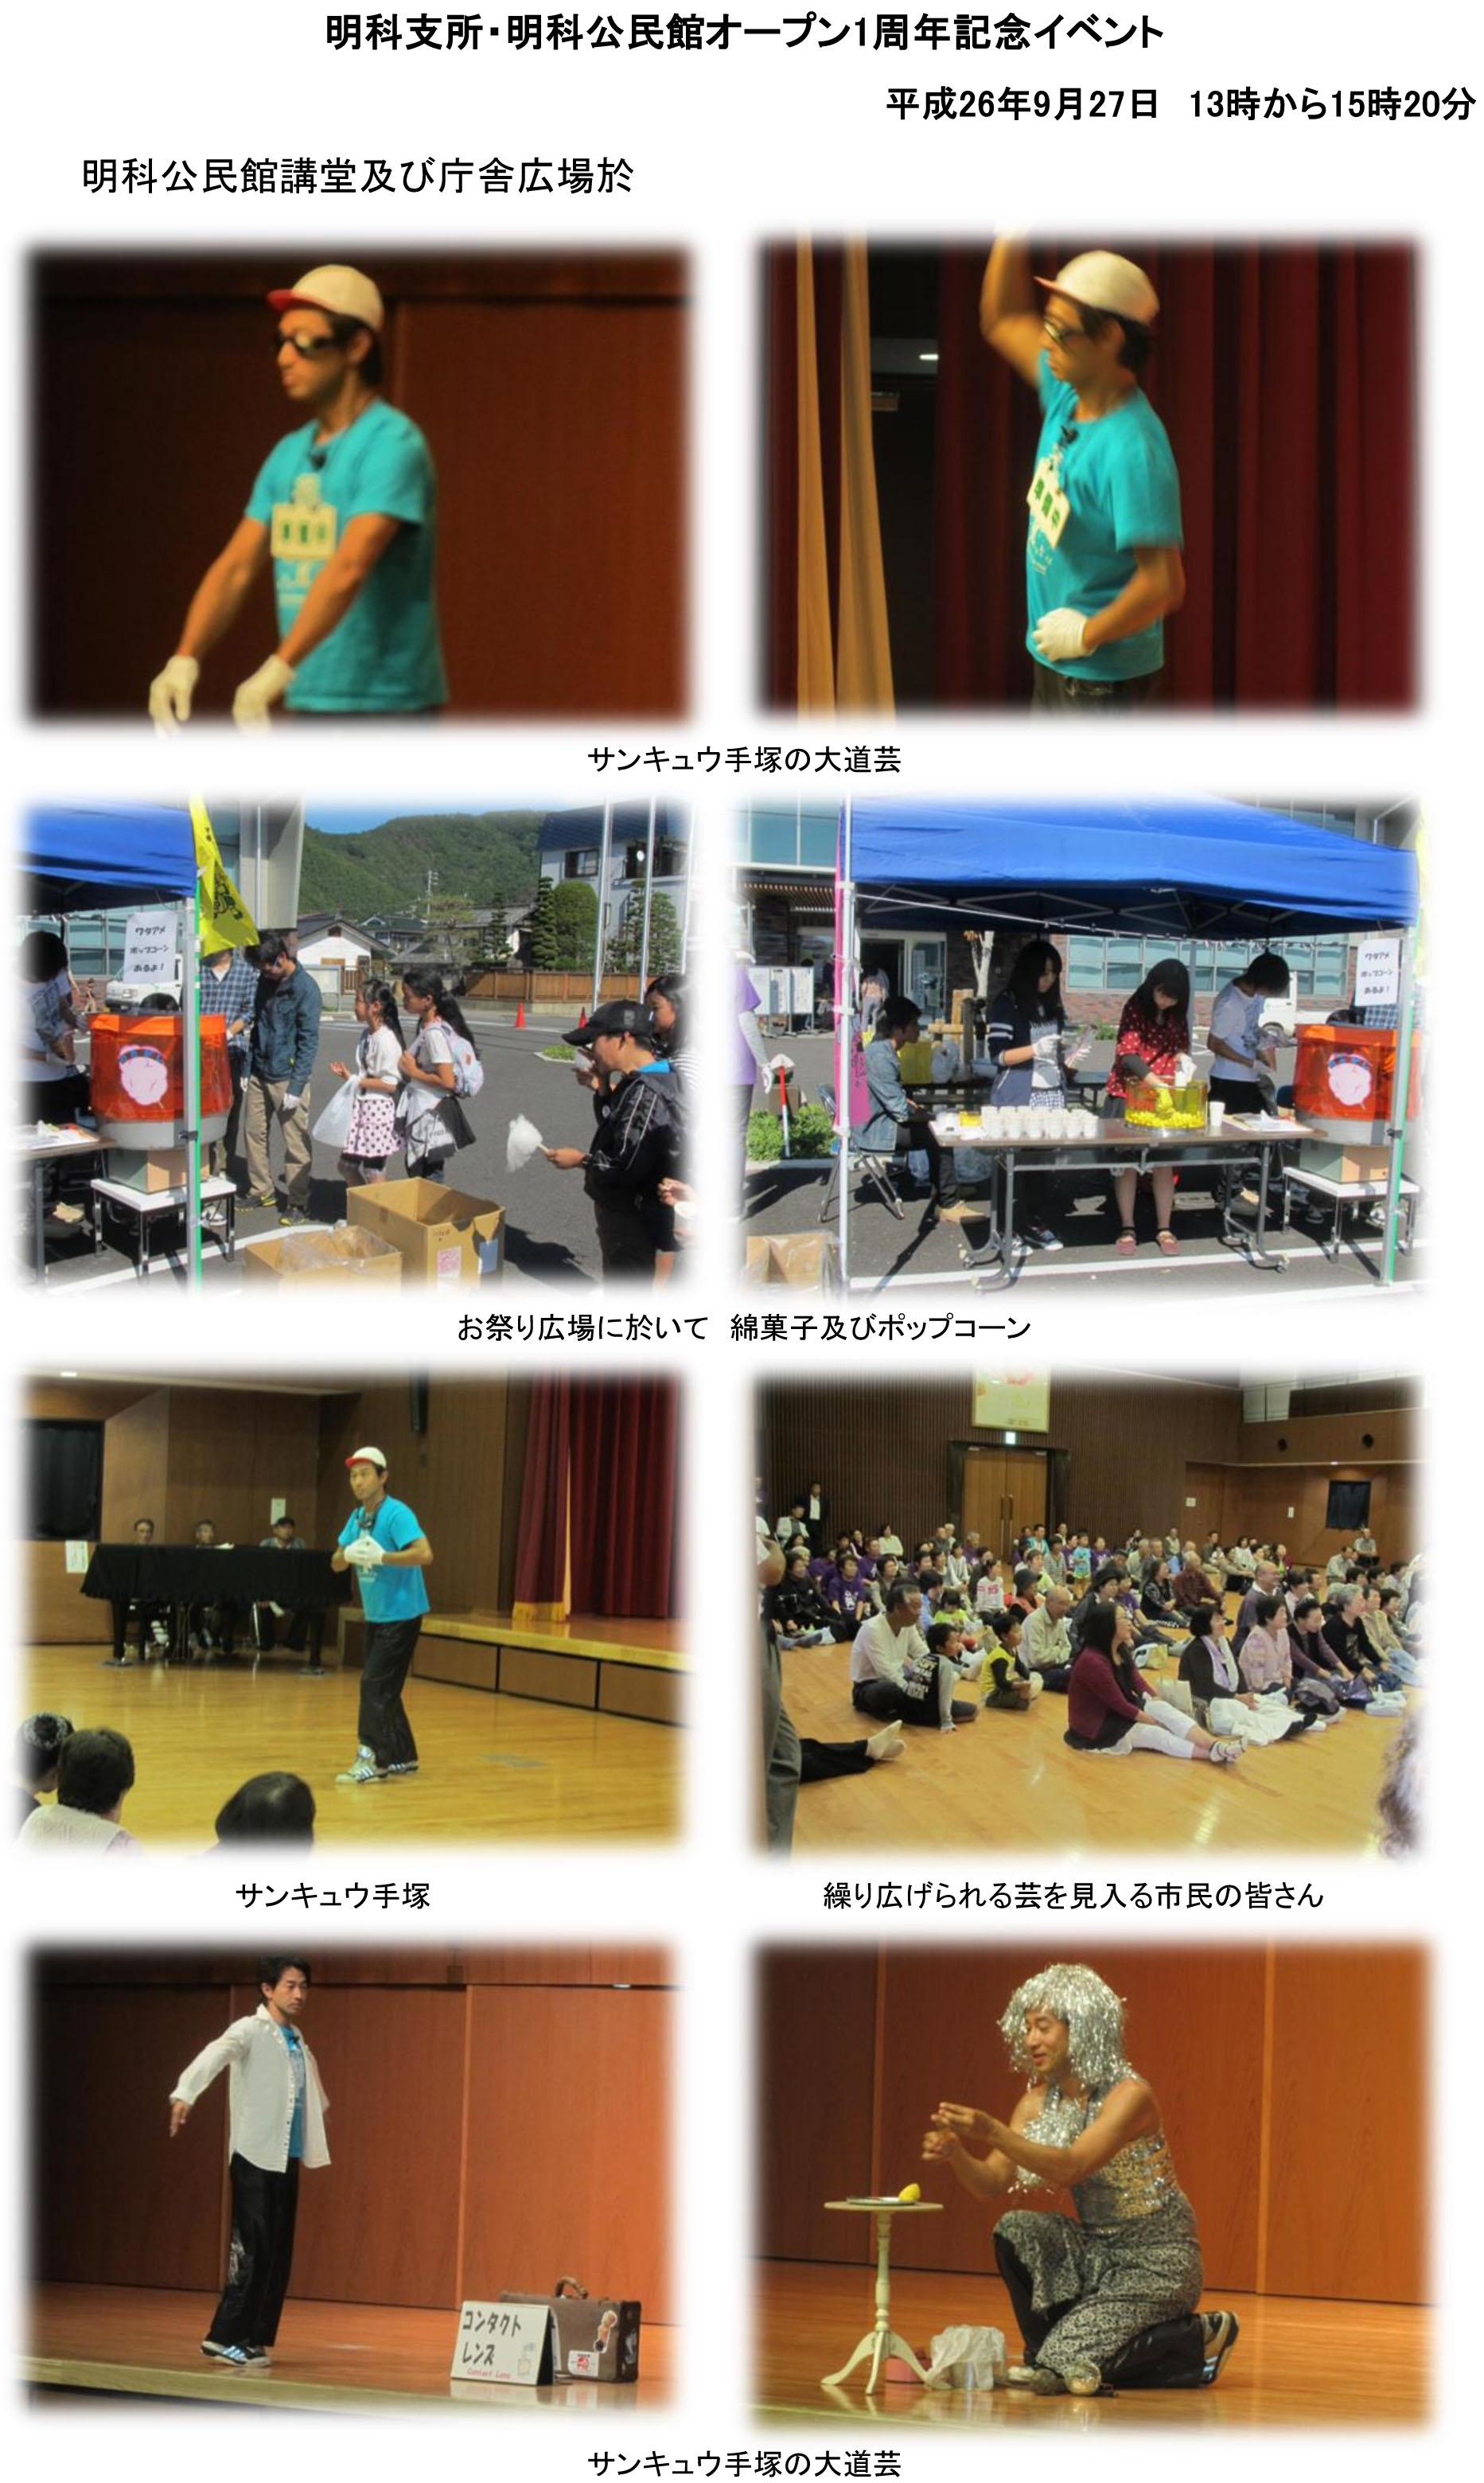 明科支所オープン1周年記念イベント-1